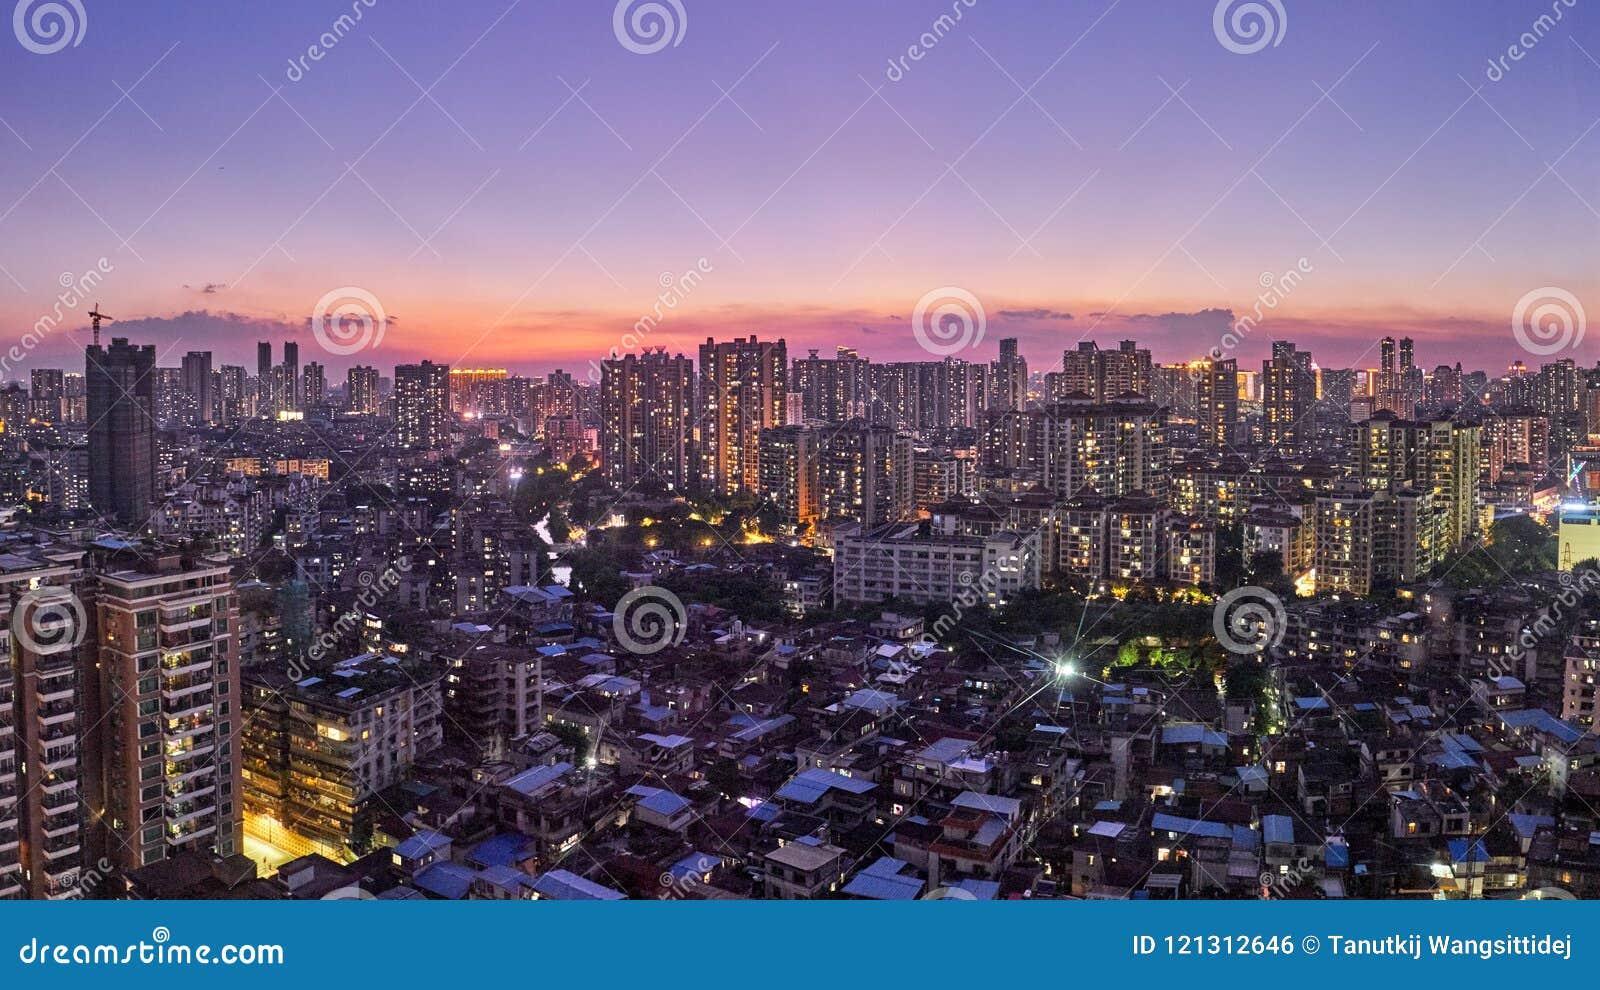 Schitterende nachtmening van vele high-end ondernemingen zoals financiën, onroerende goederen verzekering, Guangzhou-stad, China